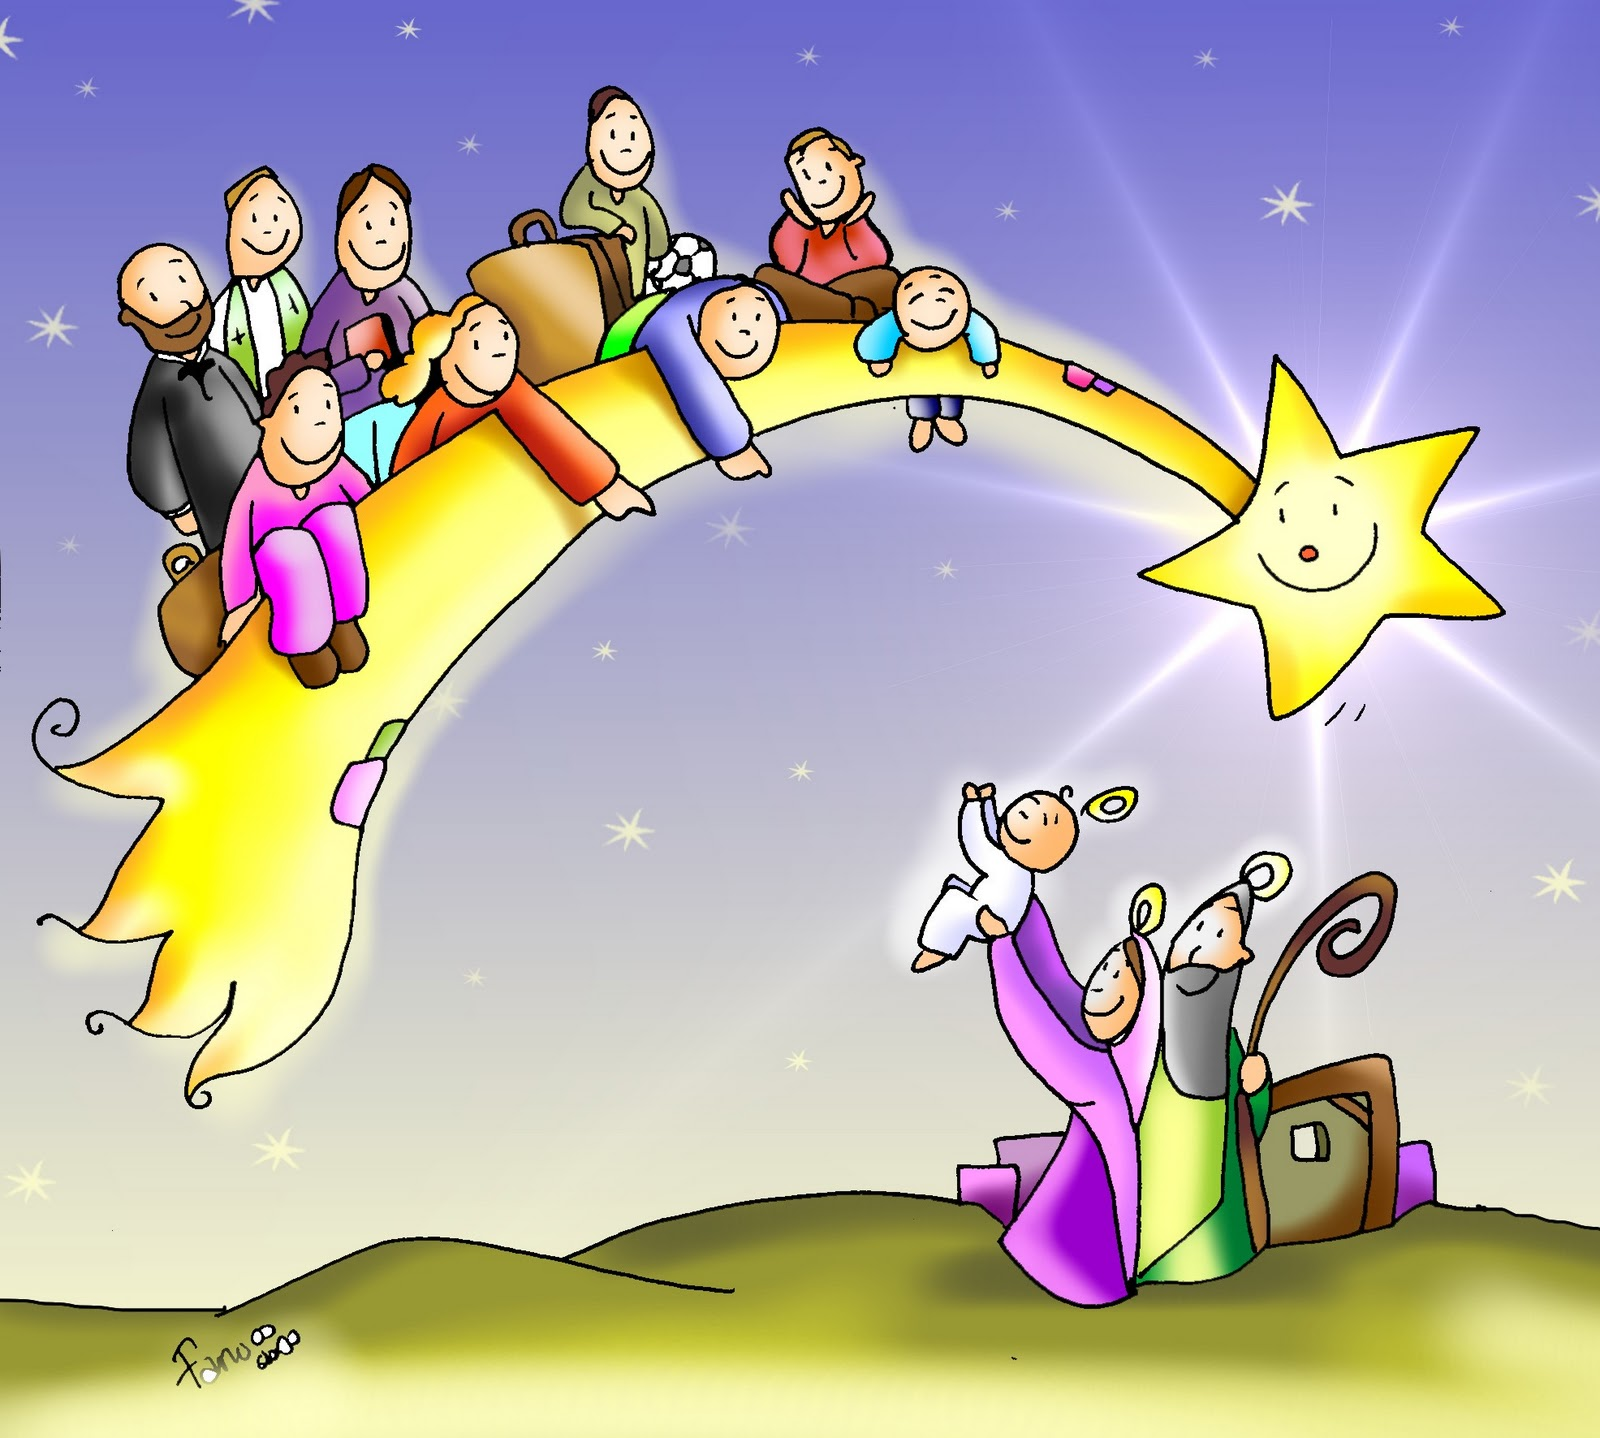 El blog de marcelo navidad y epifania seg n fano im genes - Dibujos de navidad en color ...